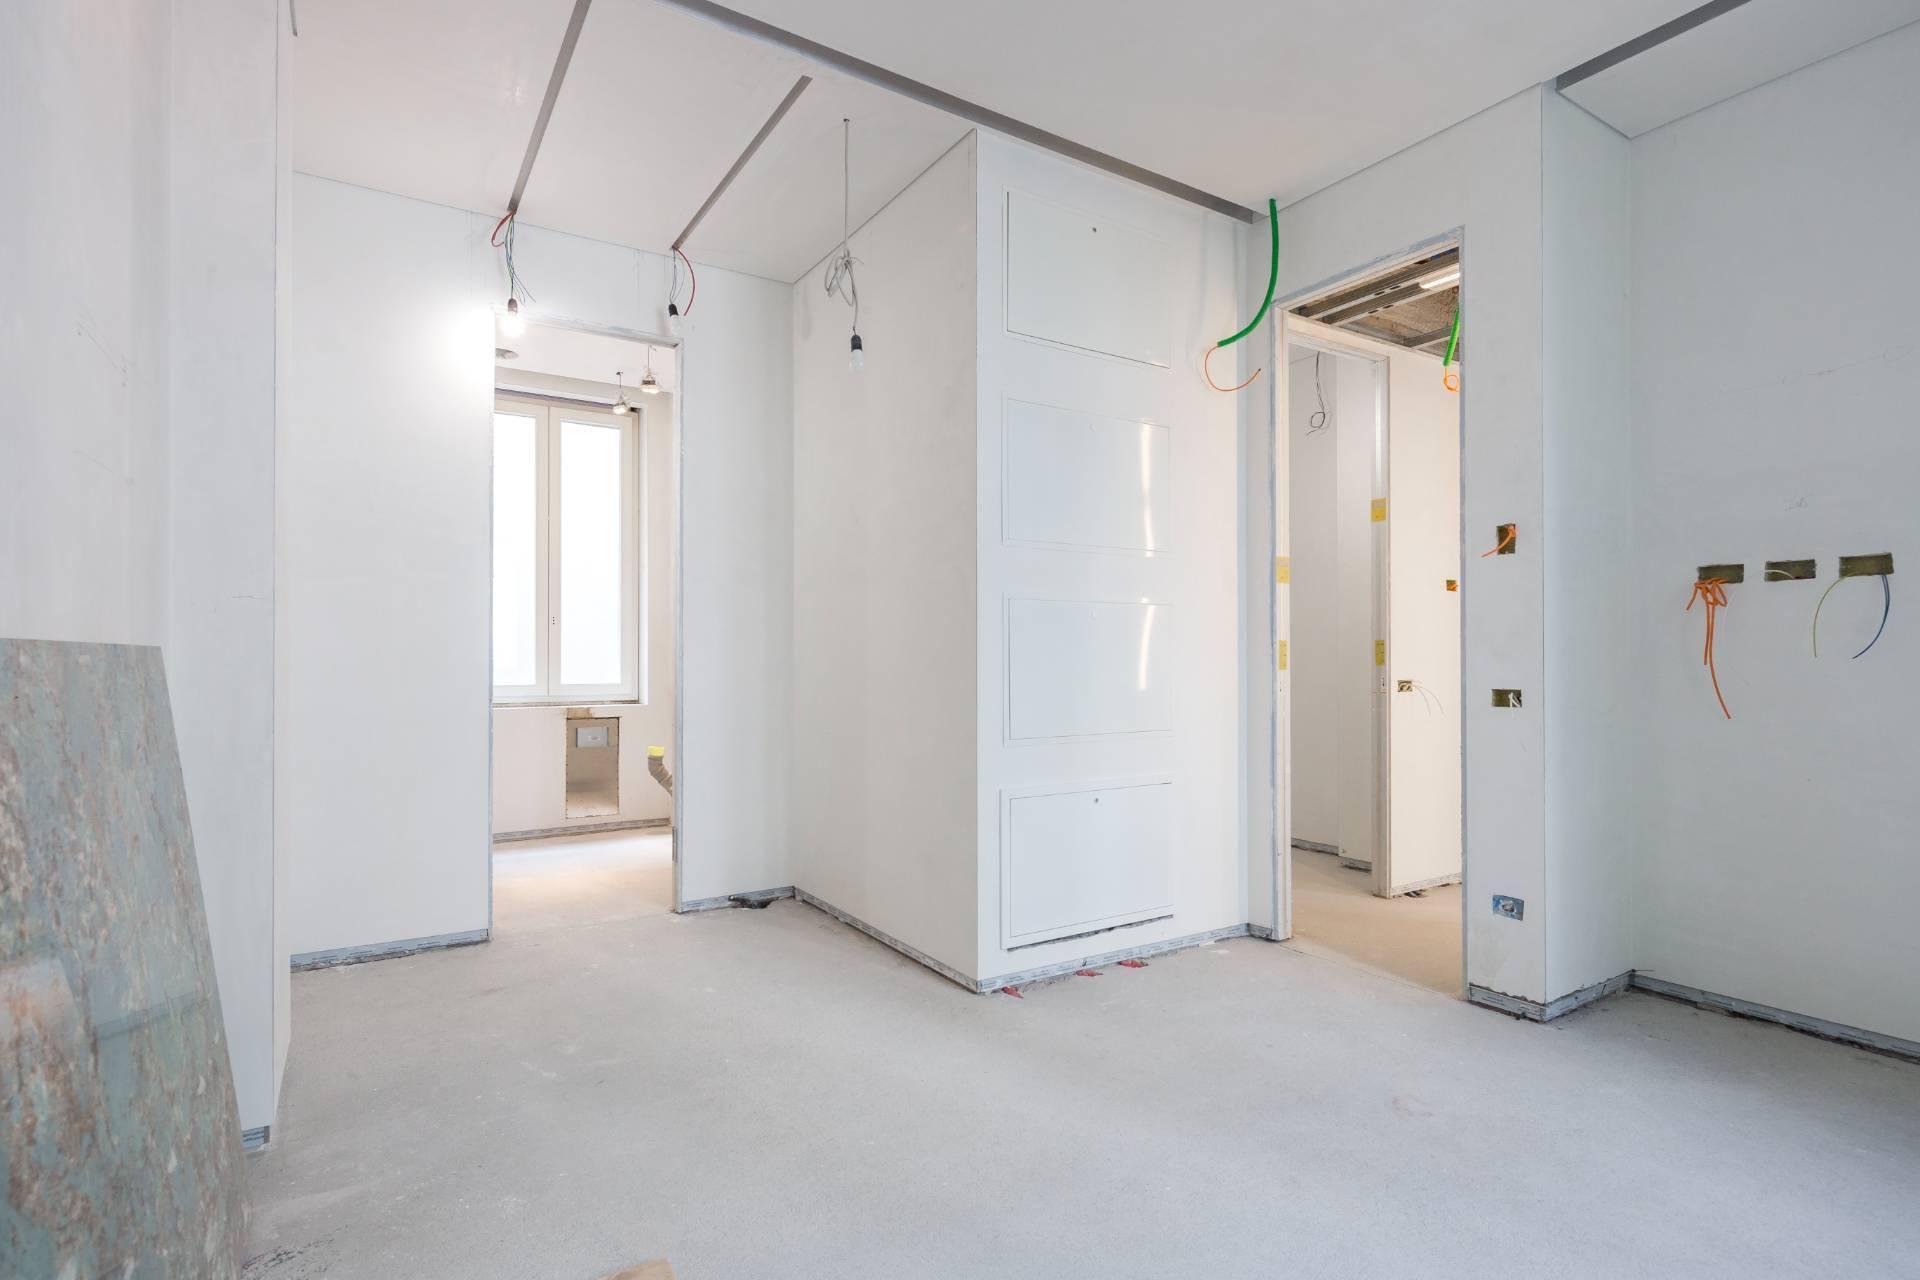 Appartamento signorile in Via Mascagni - 13